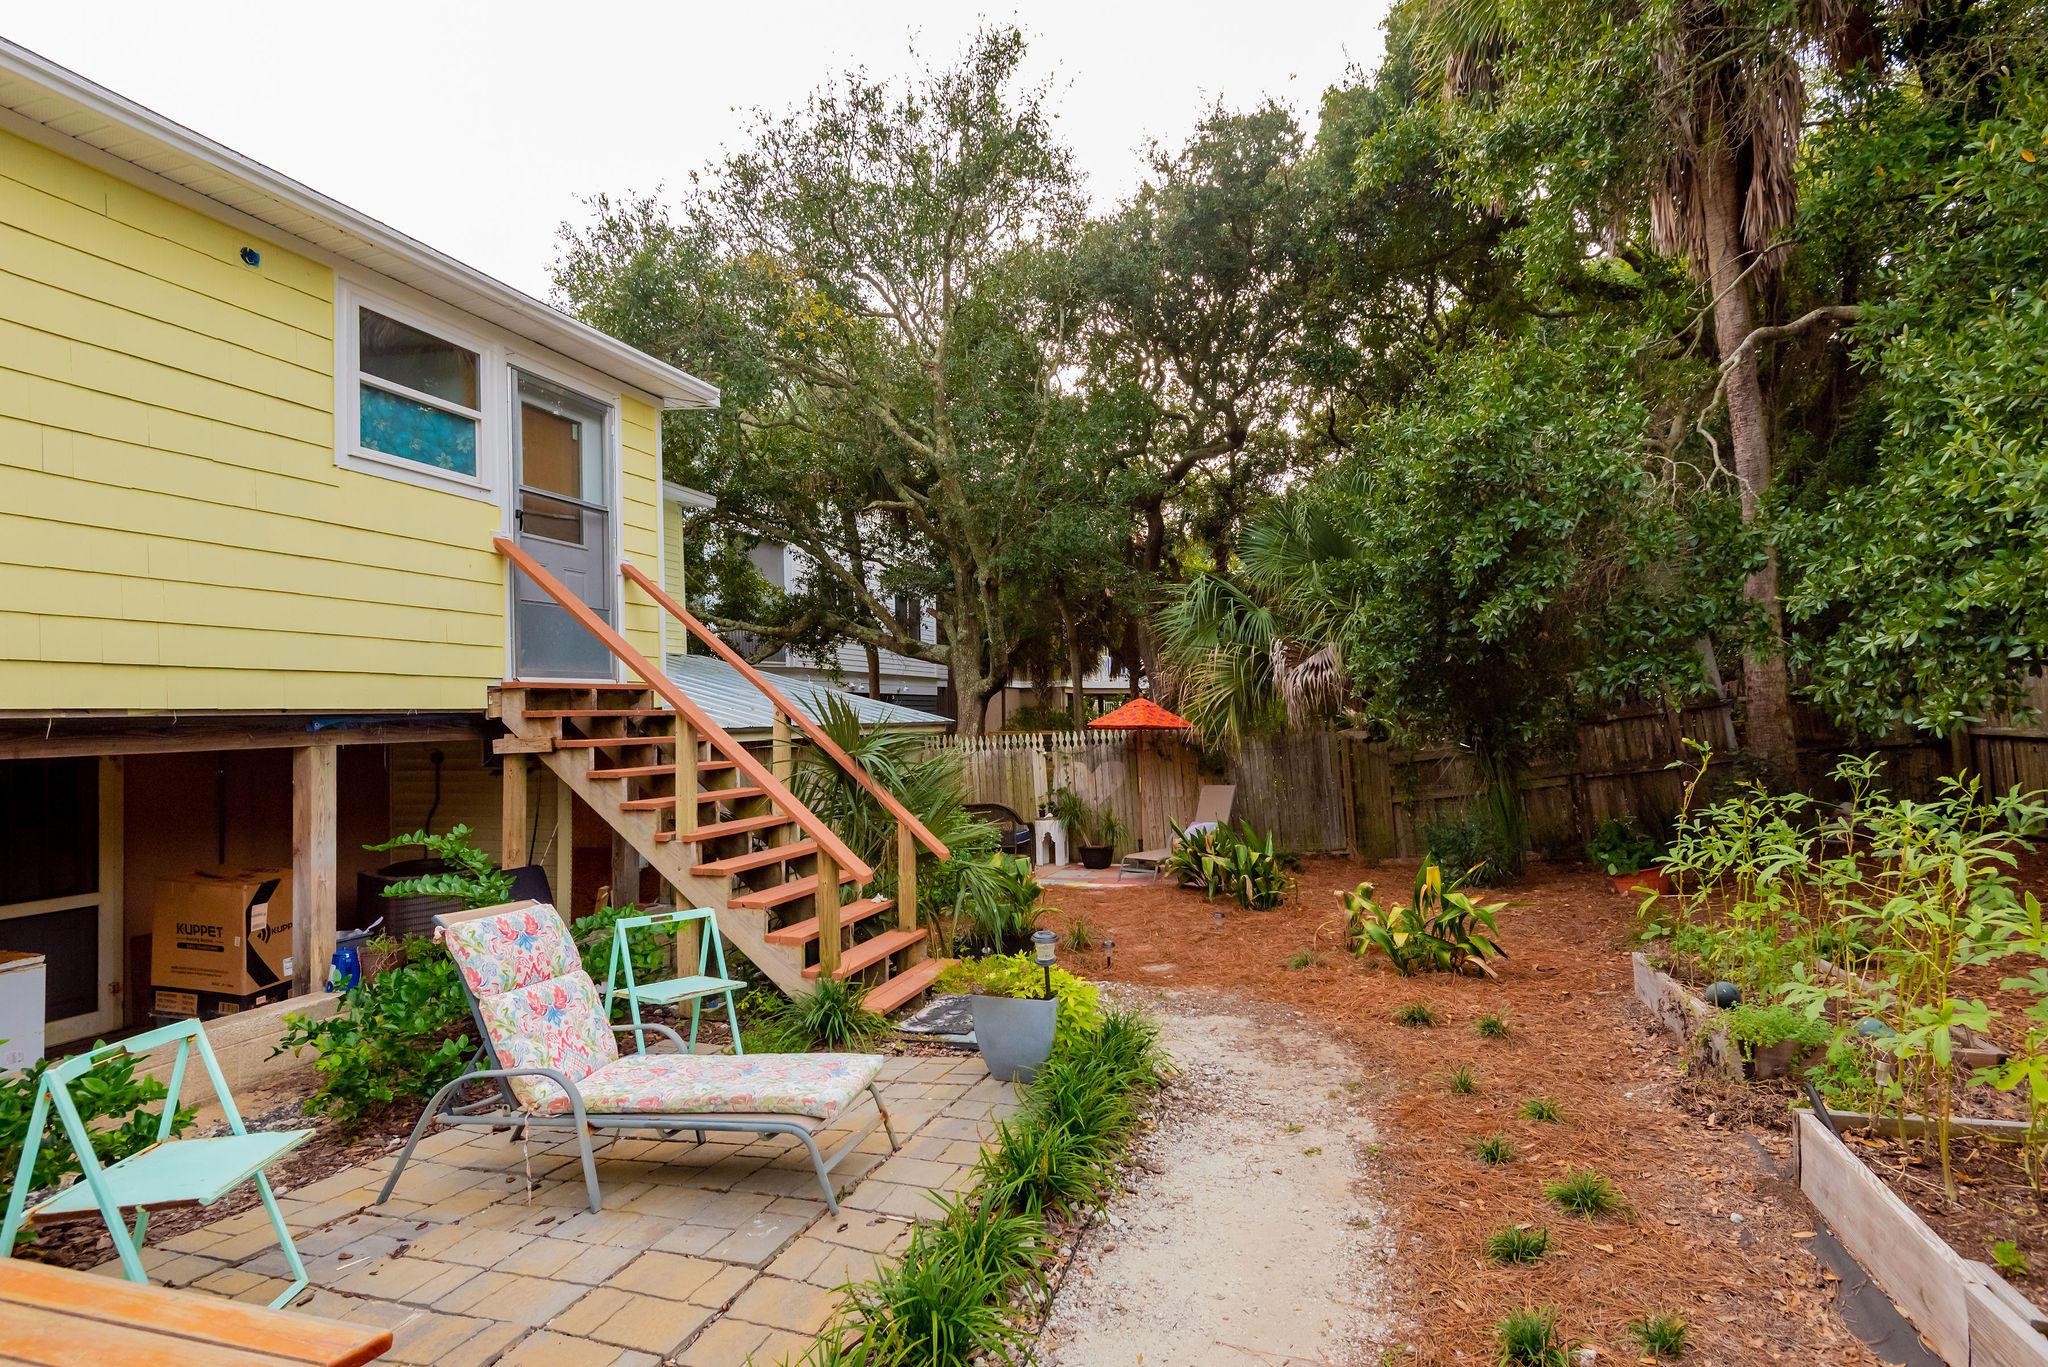 Folly Beach Homes For Sale - 504 Ashley, Folly Beach, SC - 35